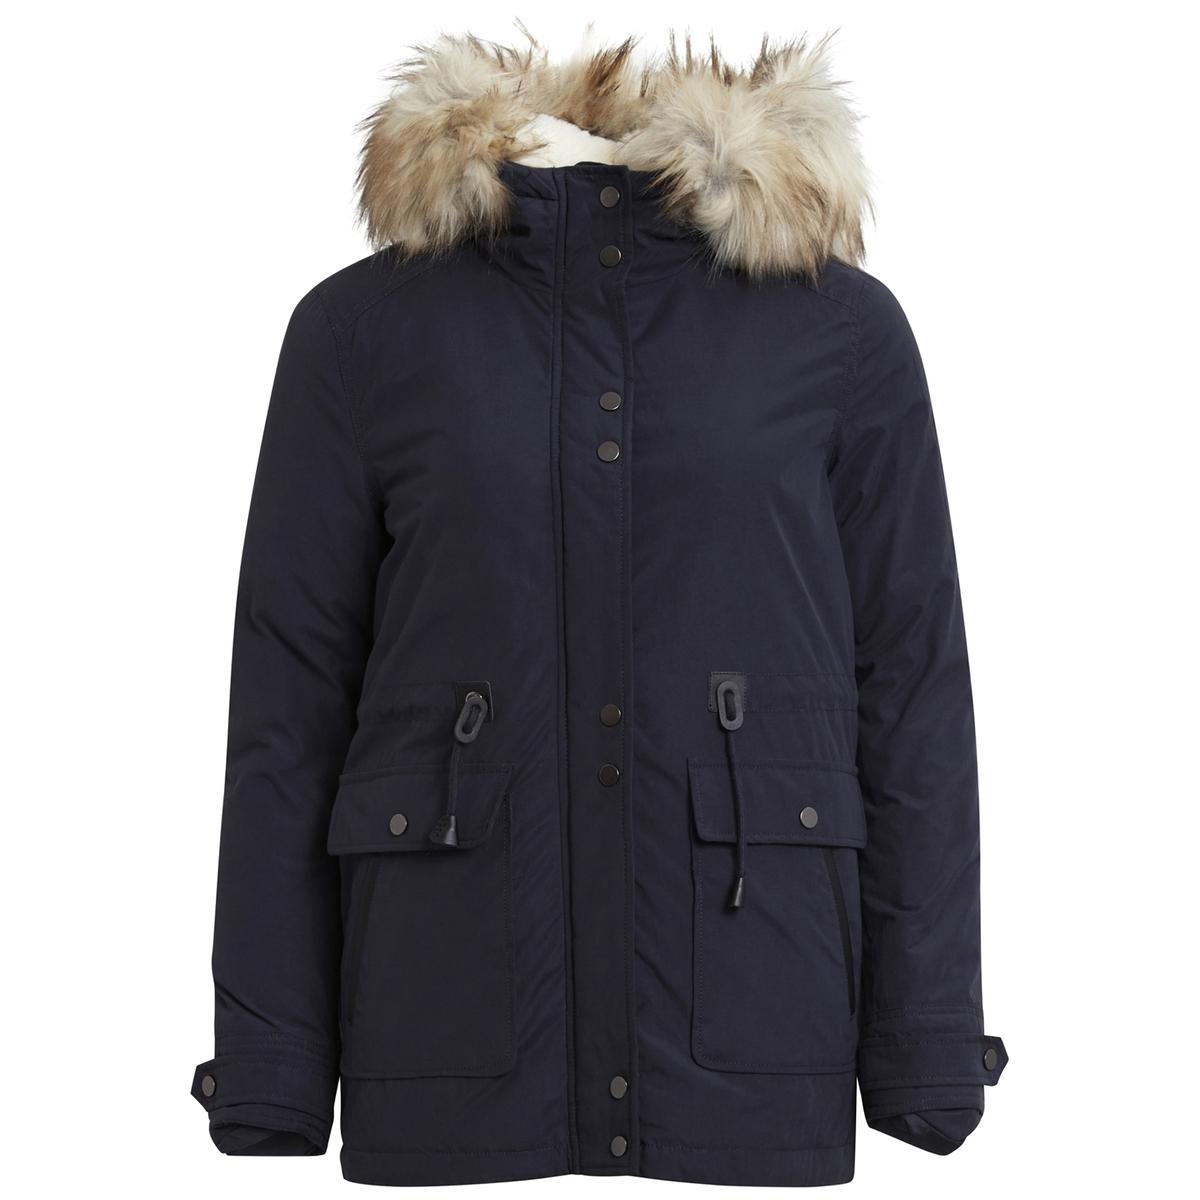 Куртка стеганая с капюшономНичего нет лучше, чем эта стеганая куртка для защиты от сильных холодов? Отличная куртка, сочетающая свободу движений и элегантность !Детали •  Длина  : средняя •  Капюшон •  Застежка на молнию •  С капюшономСостав и уход •  38% хлопка, 62% полиэстера •  Следуйте советам по уходу, указанным на этикетке<br><br>Цвет: темно-синий<br>Размер: L